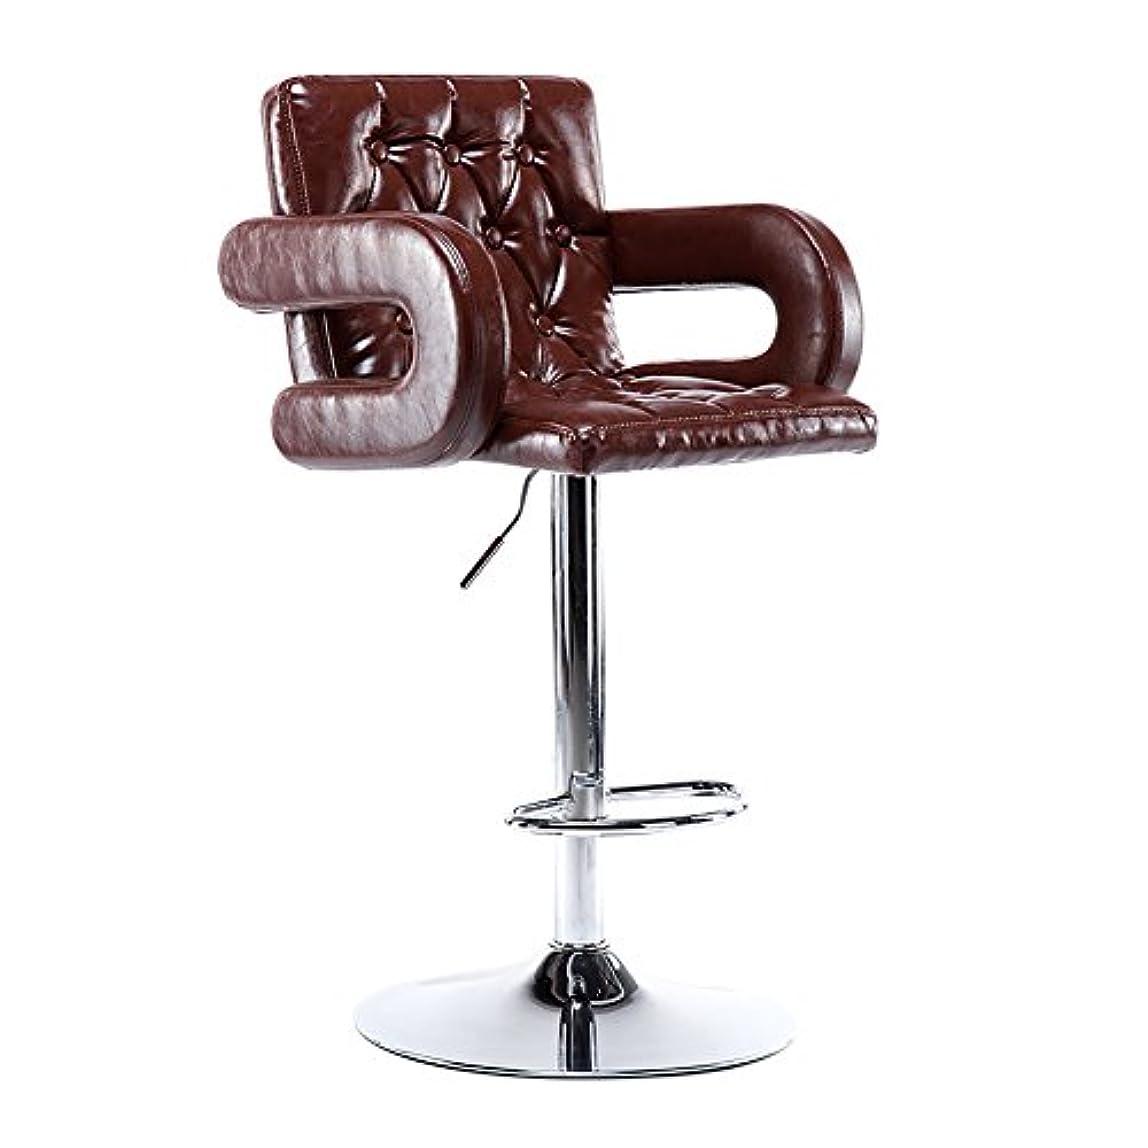 毎日の家 多機能スイベルチェア、美容ローラースツール、調節可能な高さ、ホイール付き、360度回転、快適な椅子、アームレスト付き、最大荷重150kg (色 : ブラウン-2, サイズ さいず : BEST)